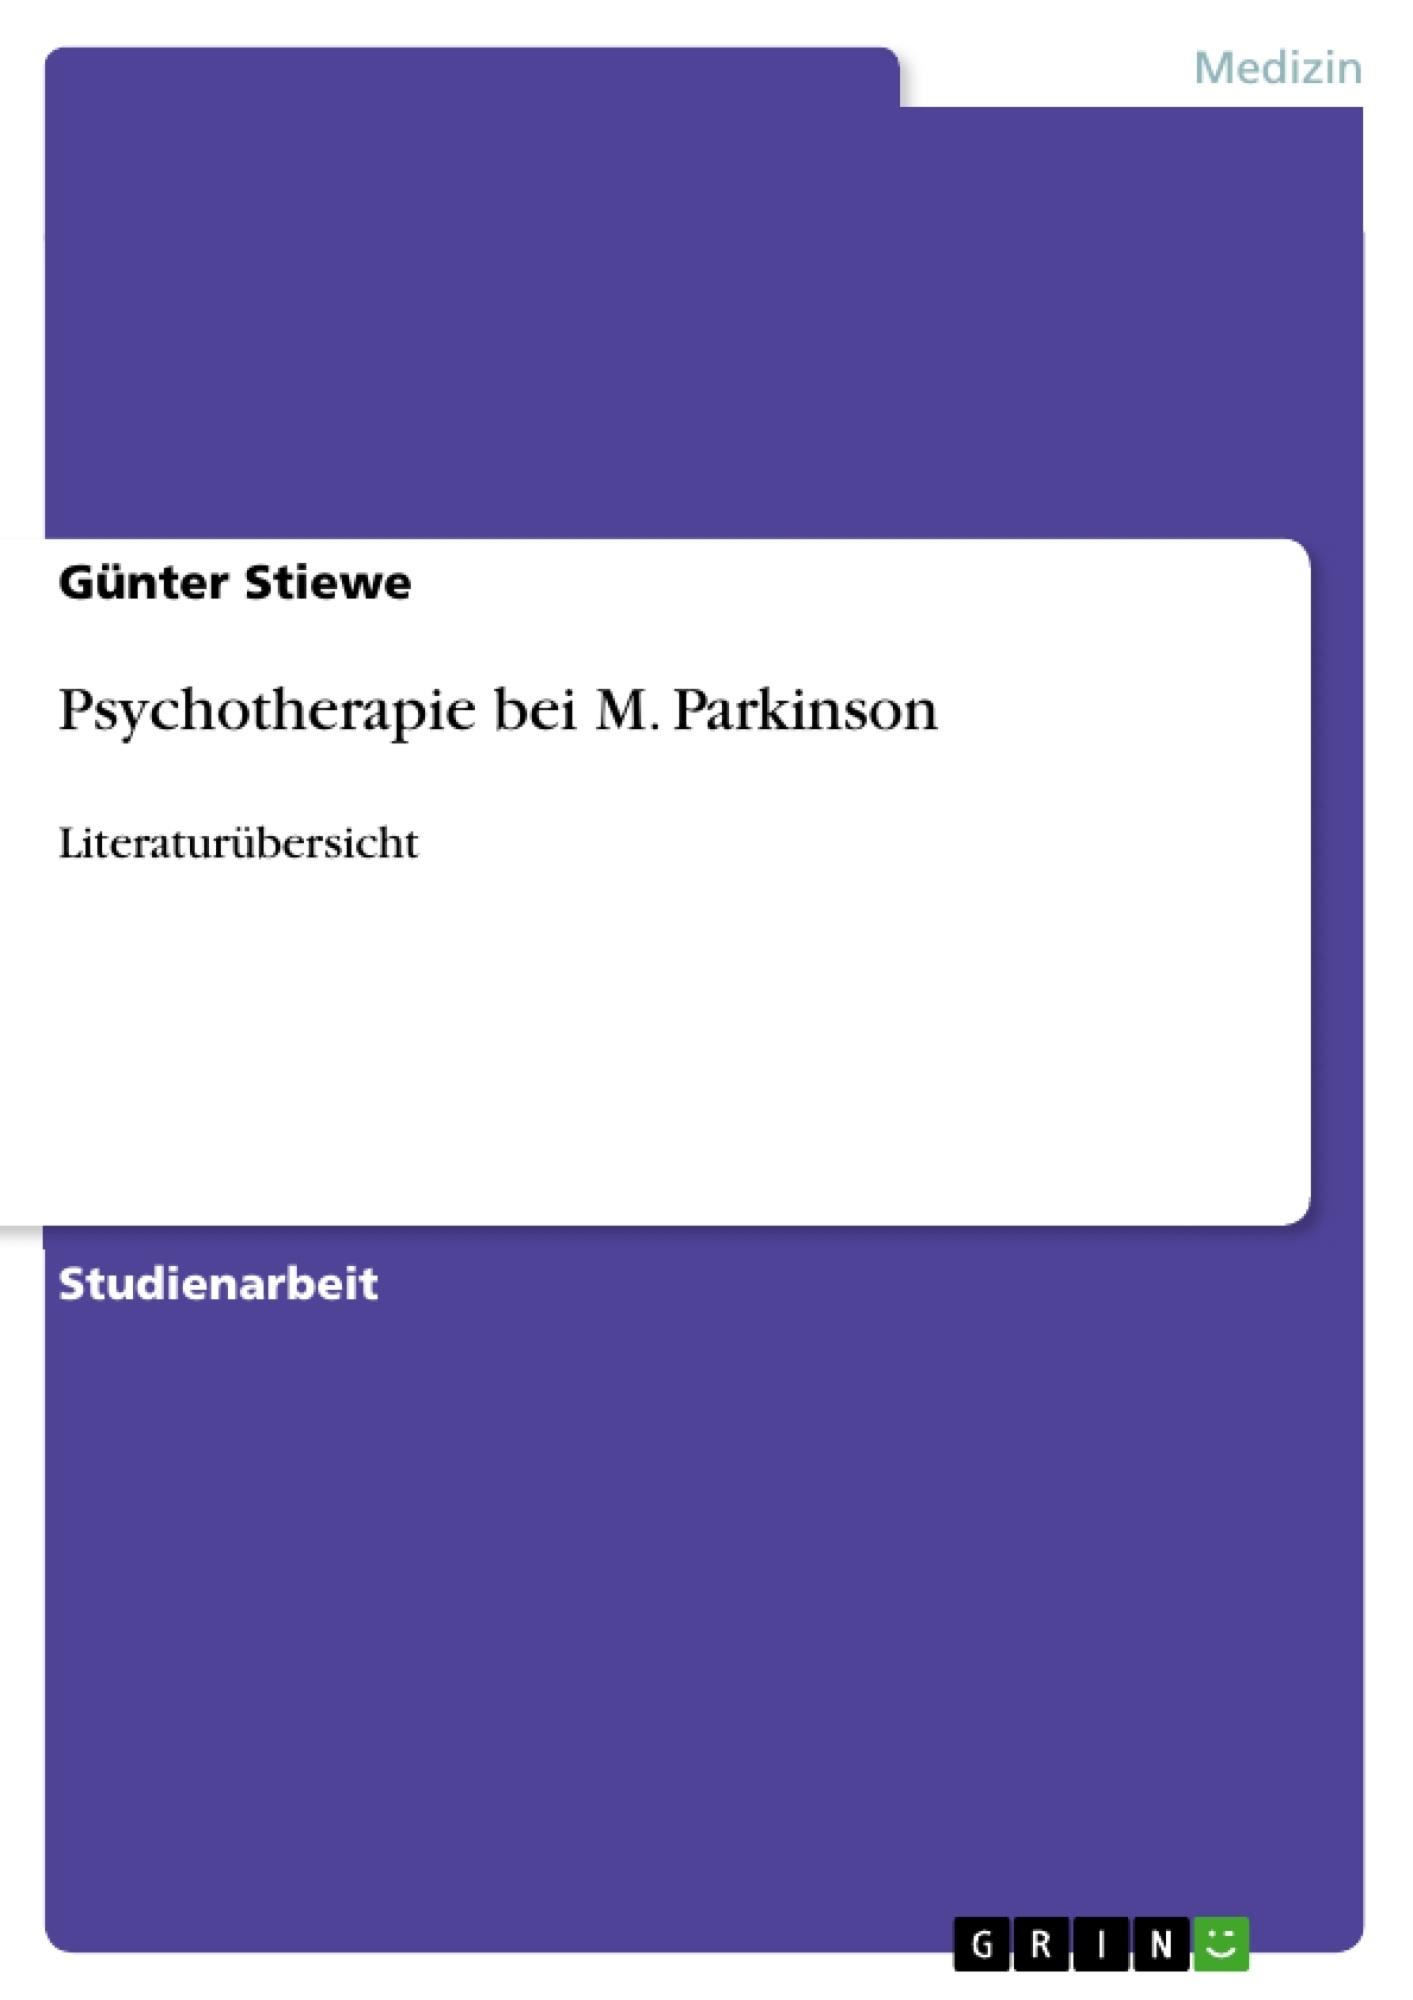 Titel: Psychotherapie bei M. Parkinson